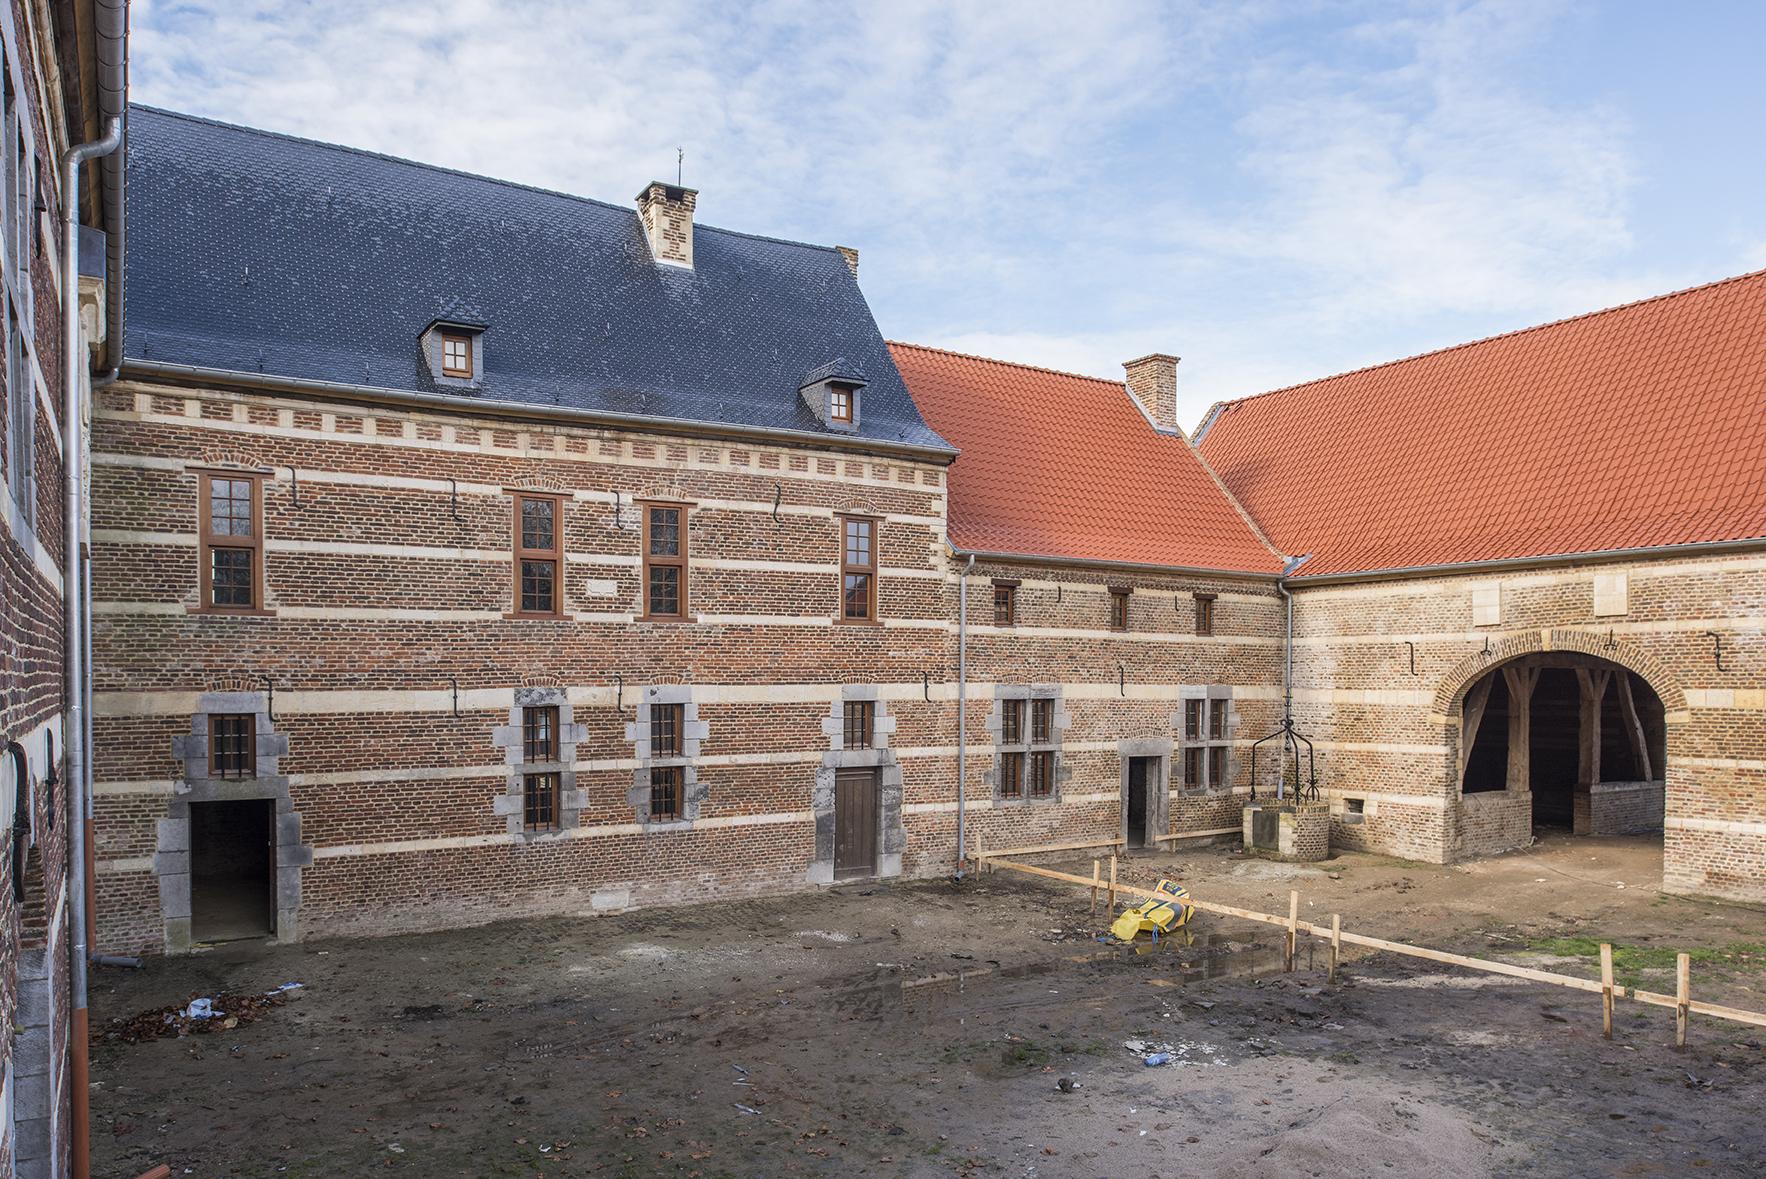 Rentmeesterij, Alden Biesen - Exterior.  003.jpg